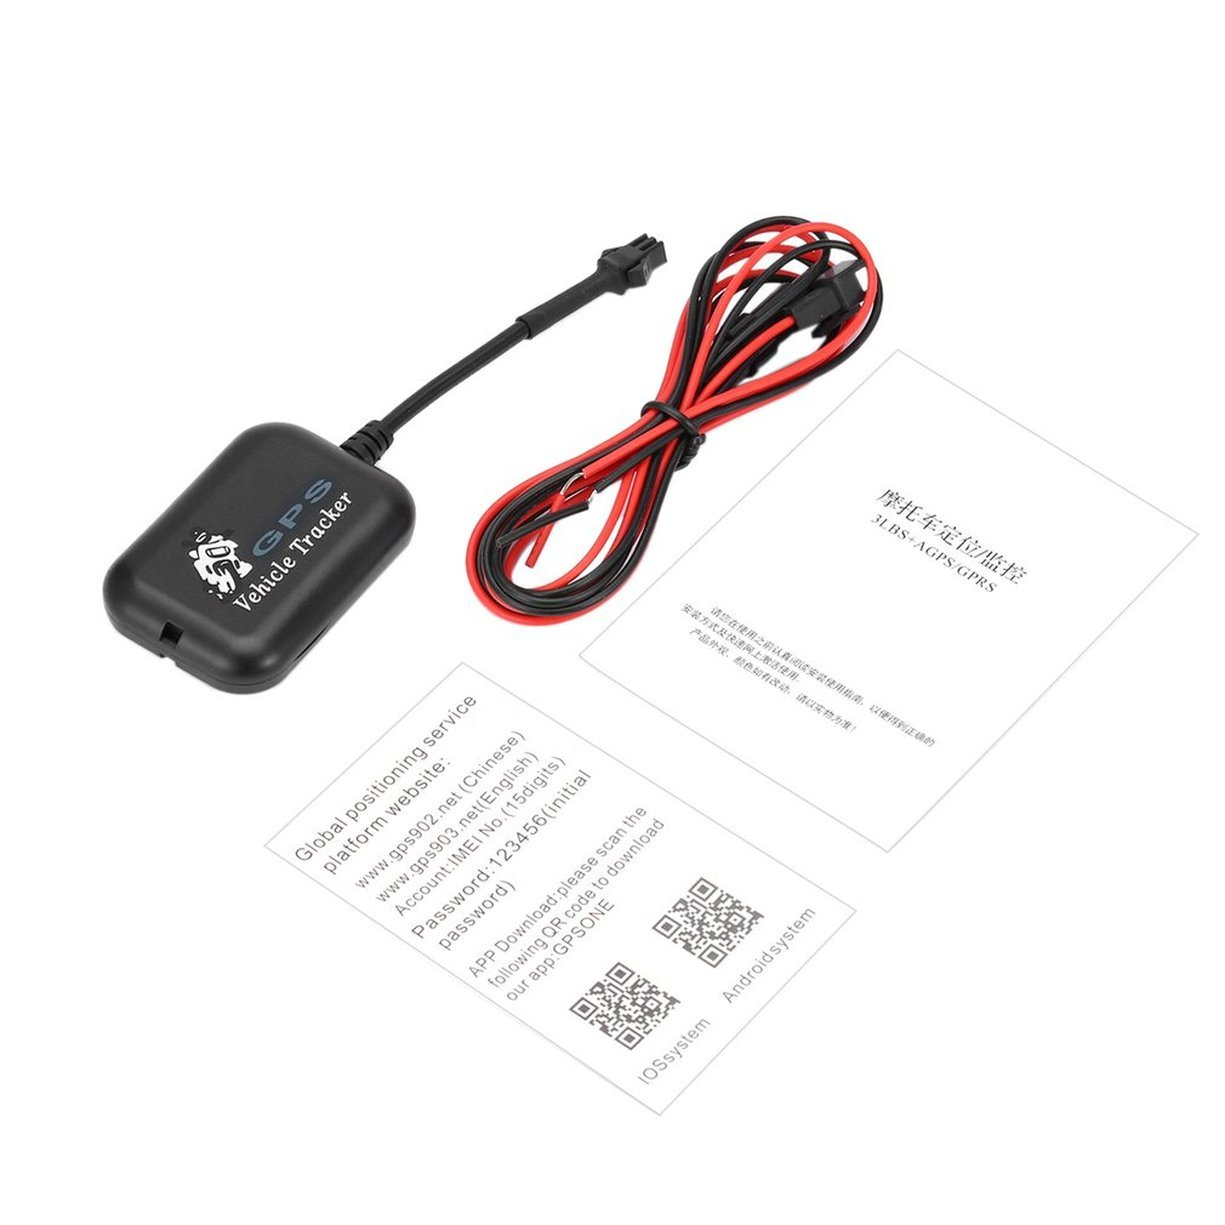 Veicolo Tracker Motorcy clesanti-il ftsystem LBS + SMS/GPRS, Mini GSM GPRS SMS Tracker GPS Quad-band Tempo reale posizione globale dispositivo di localizzazione per auto Moto Scooter Detectoy